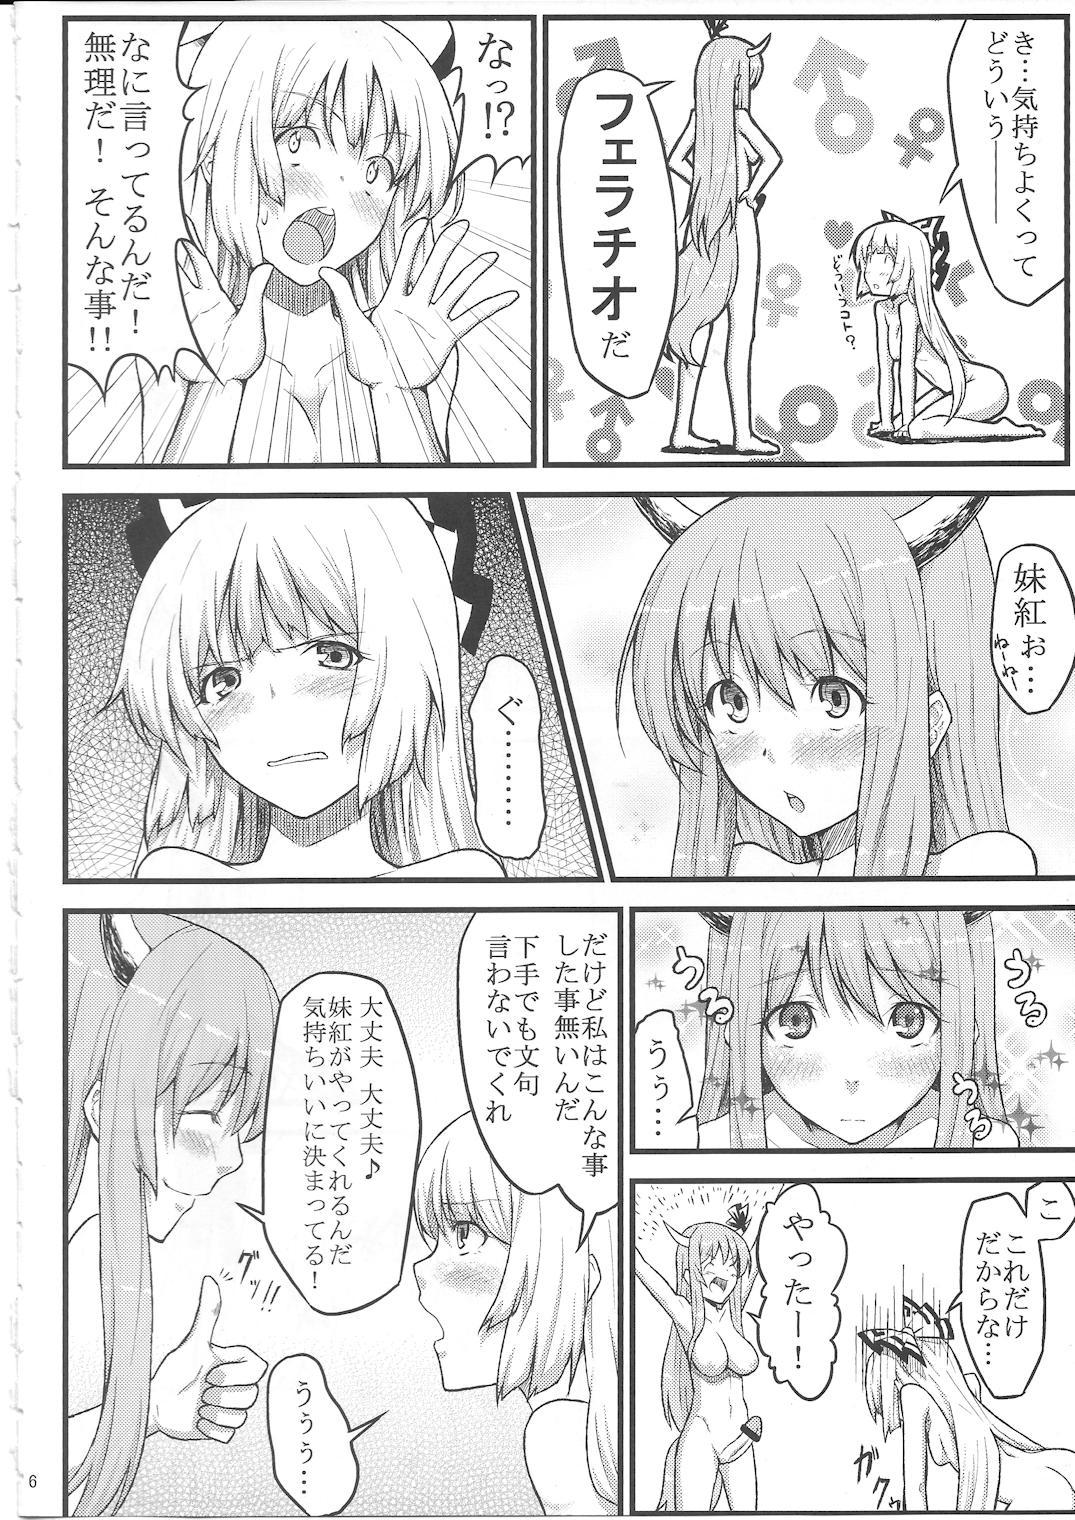 Keine to Mokou no Hon 7